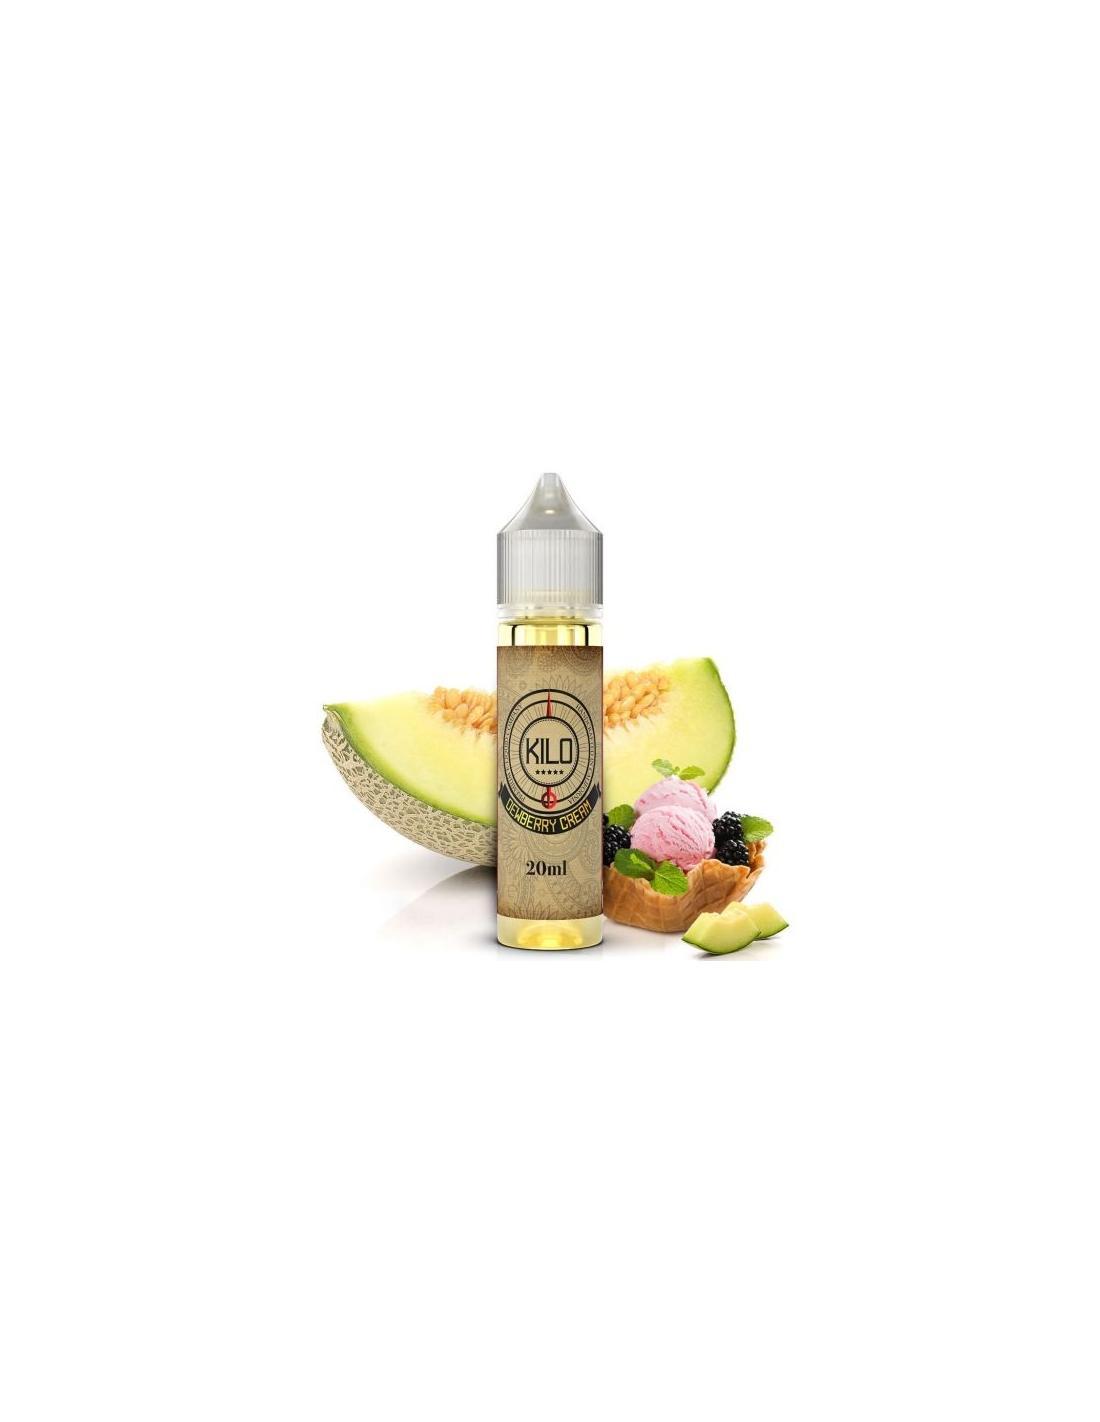 Kilo Dewberry Cream Liquido 20ml Aroma Gelato Melone E More